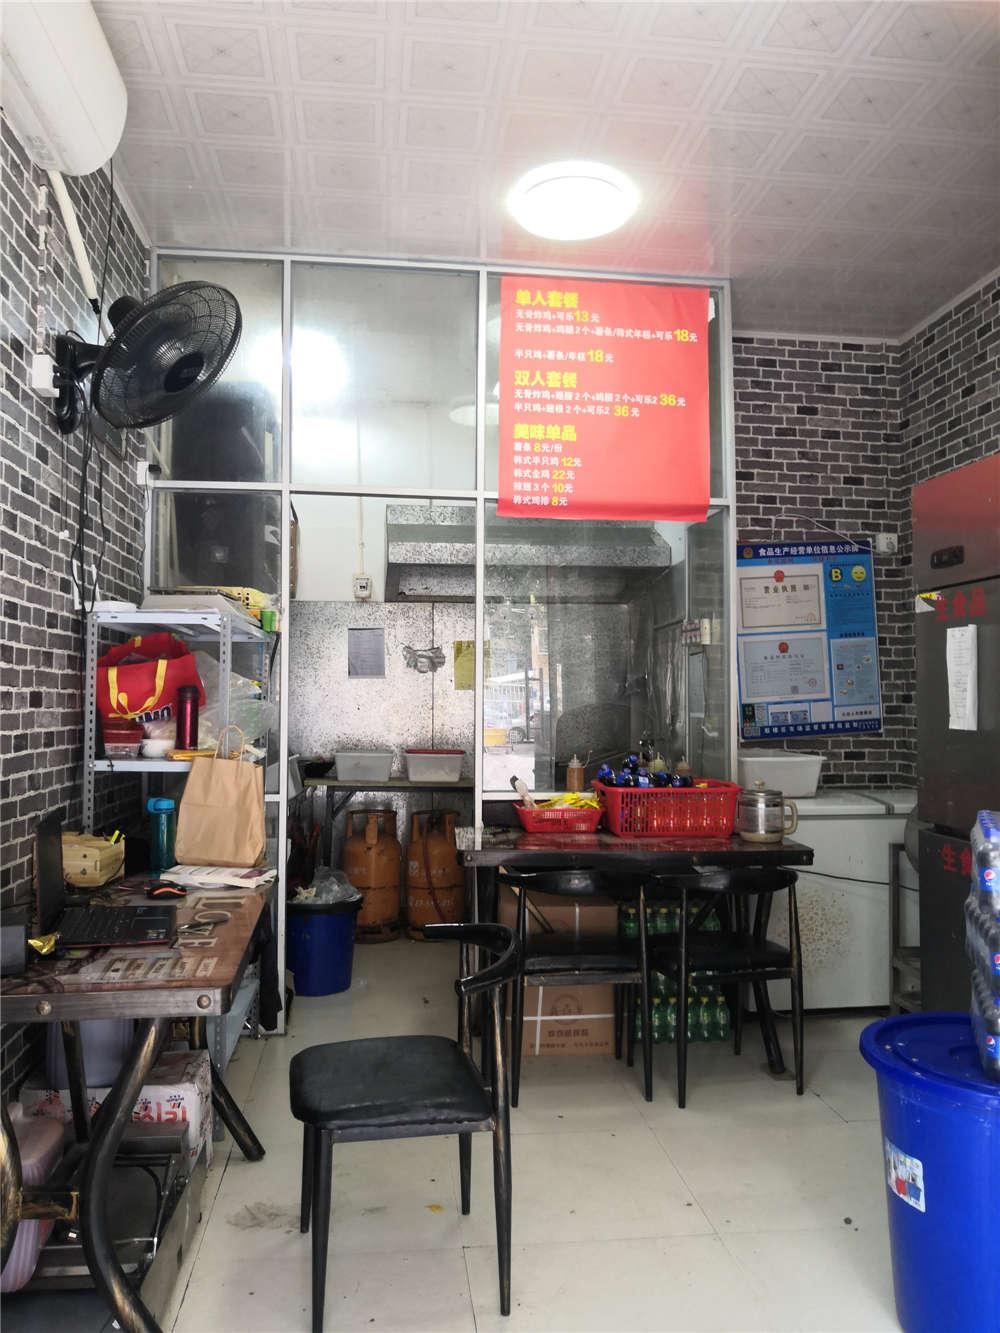 鼓楼区湖前韩国炸鸡店转让